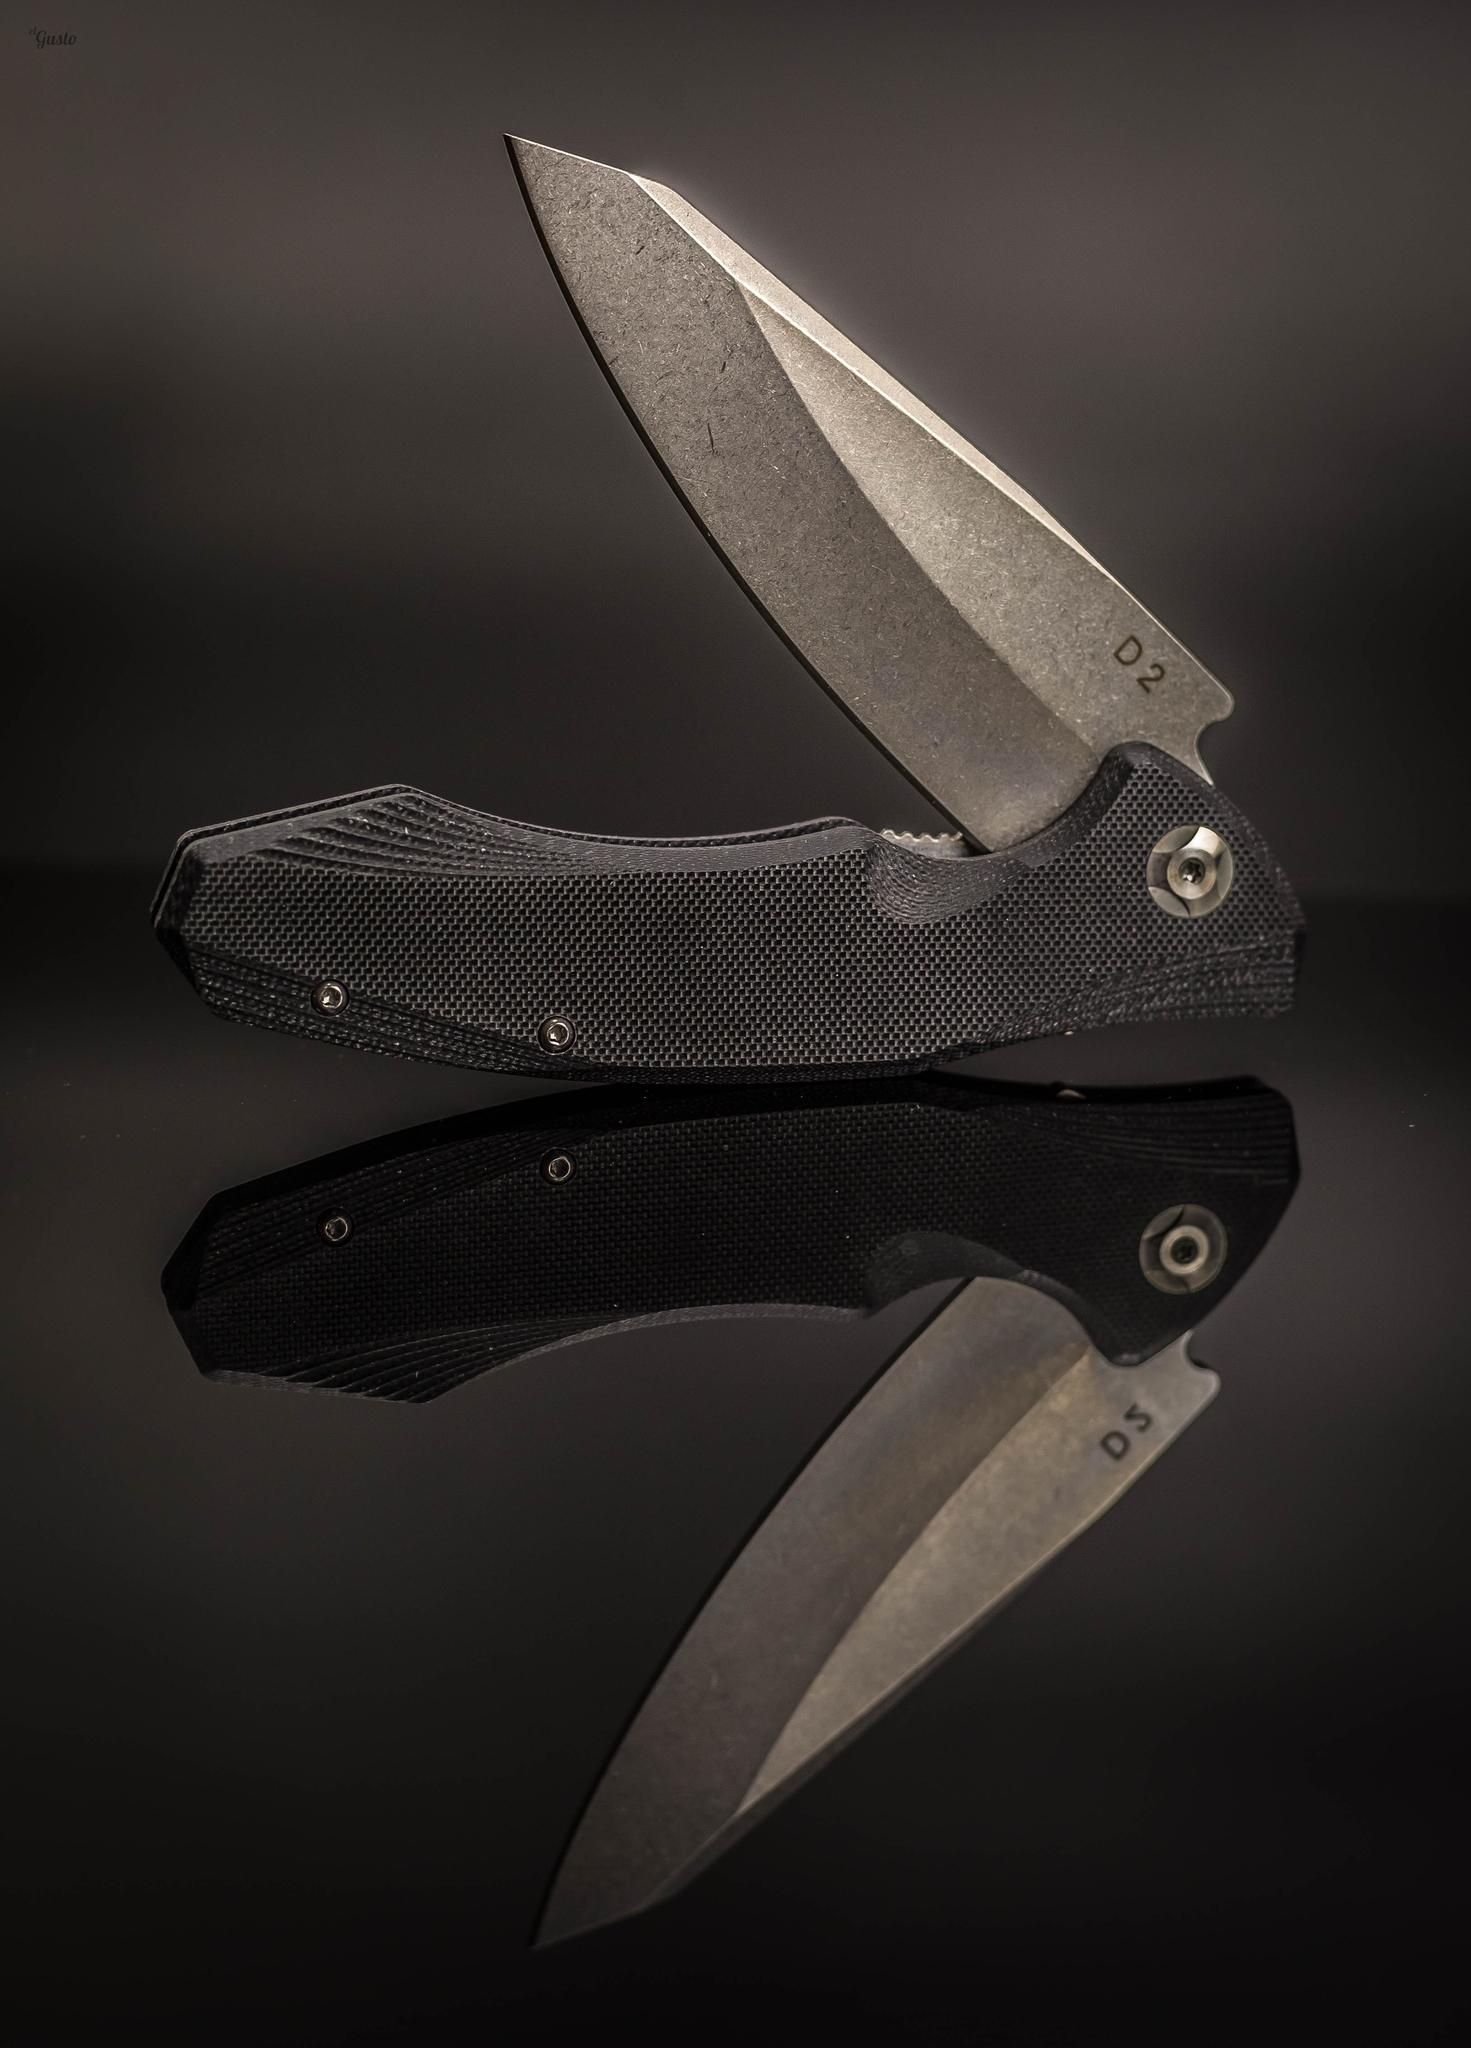 Фото 5 - Складной нож Junior Black, сталь D2